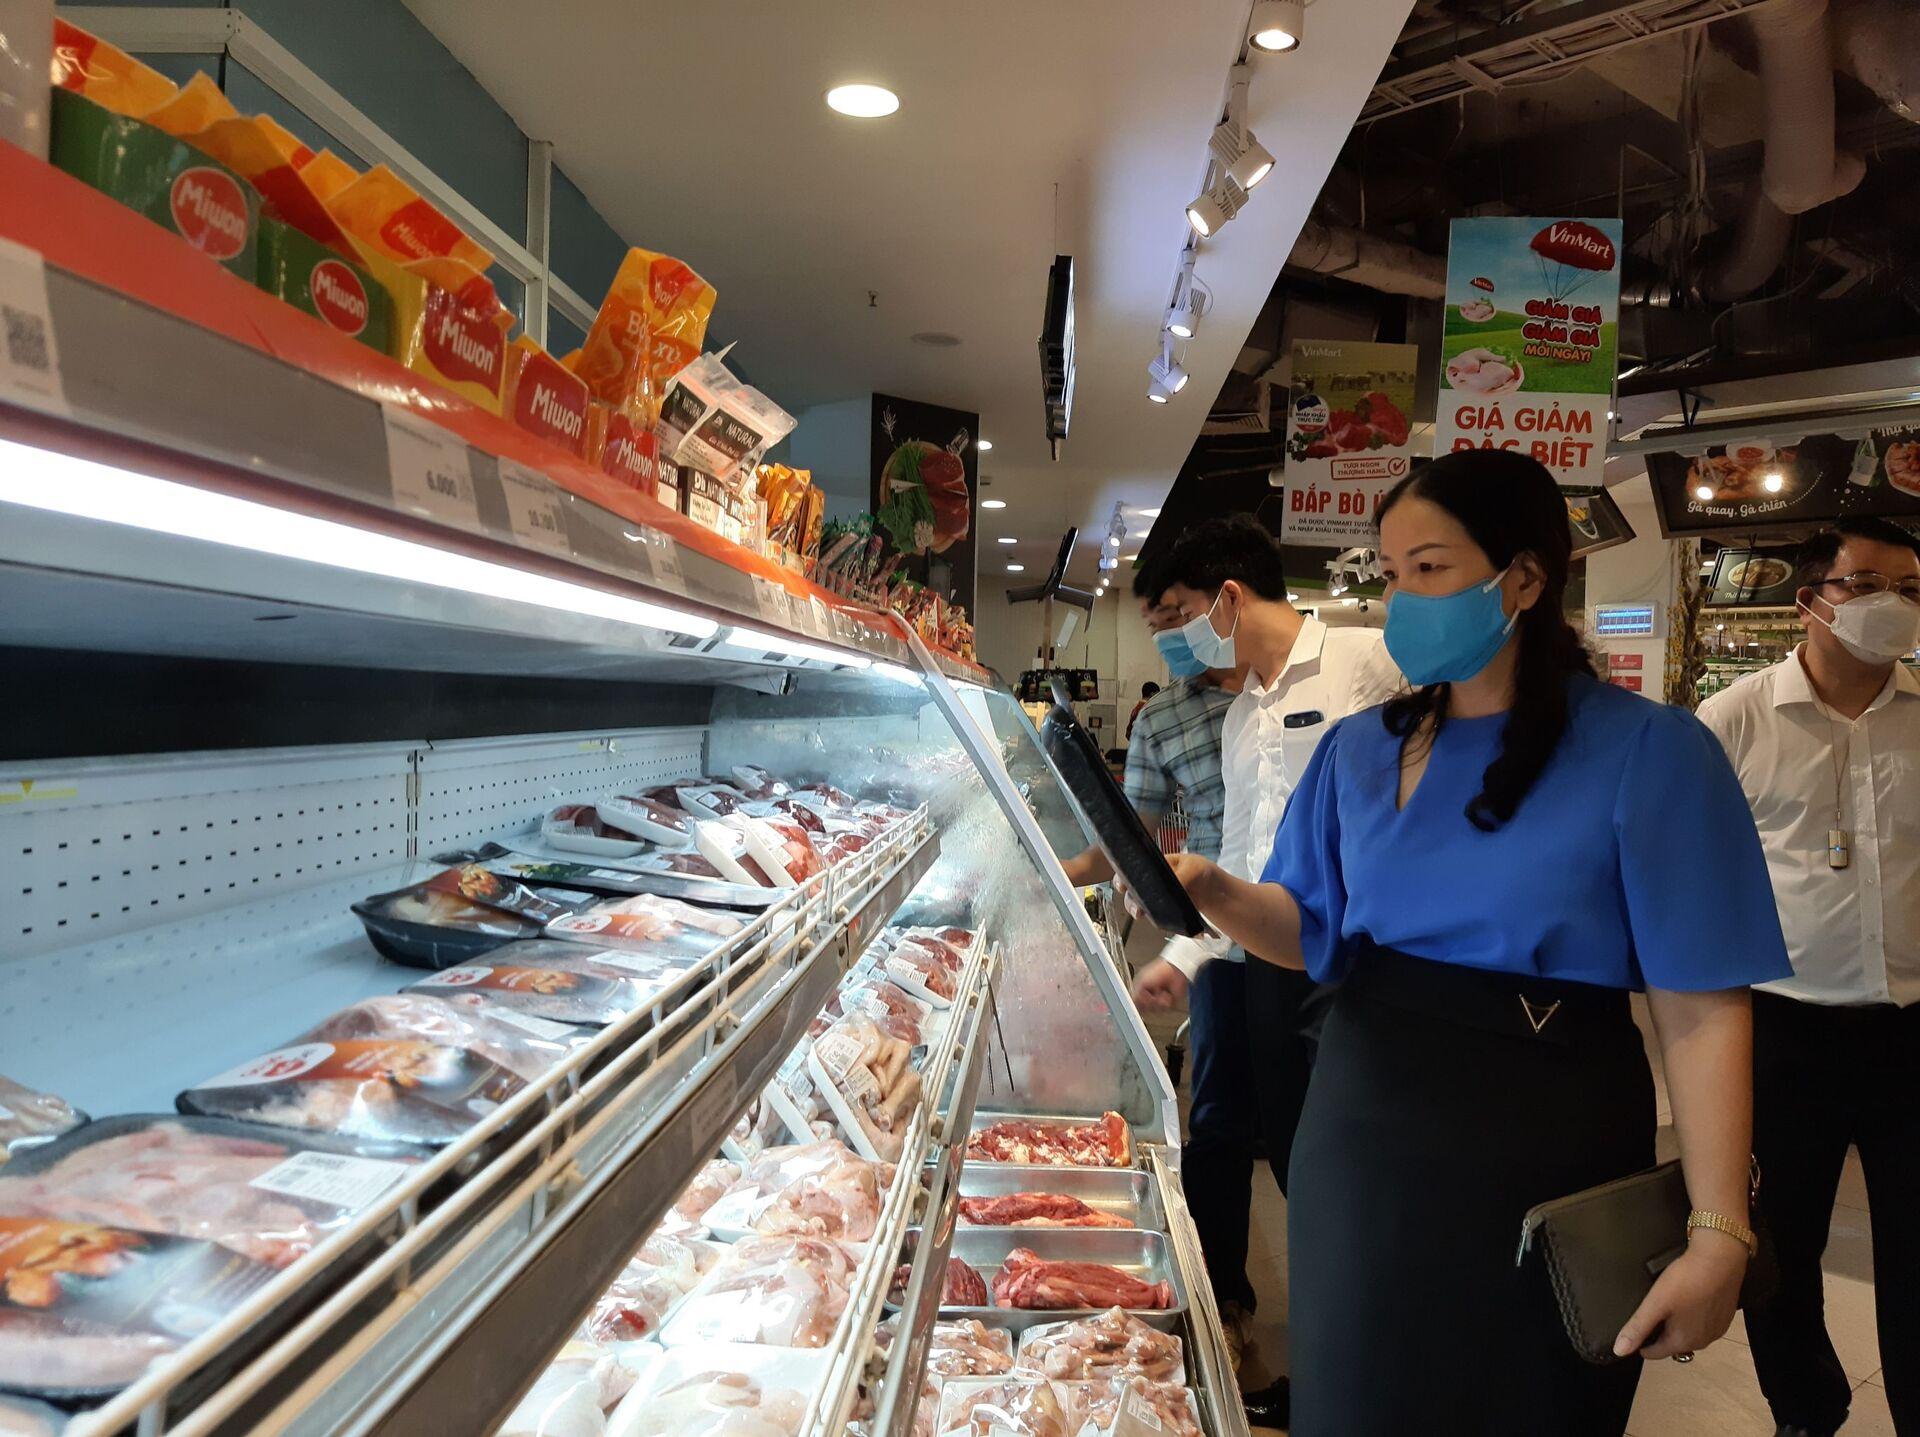 Đoàn kiểm tra của Sở Công Thương Hà Nội kiểm tra tại siêu thị Vinmart Trần Đăng Ninh (Cầu Giấy, Hà Nội) - Sputnik Việt Nam, 1920, 05.10.2021